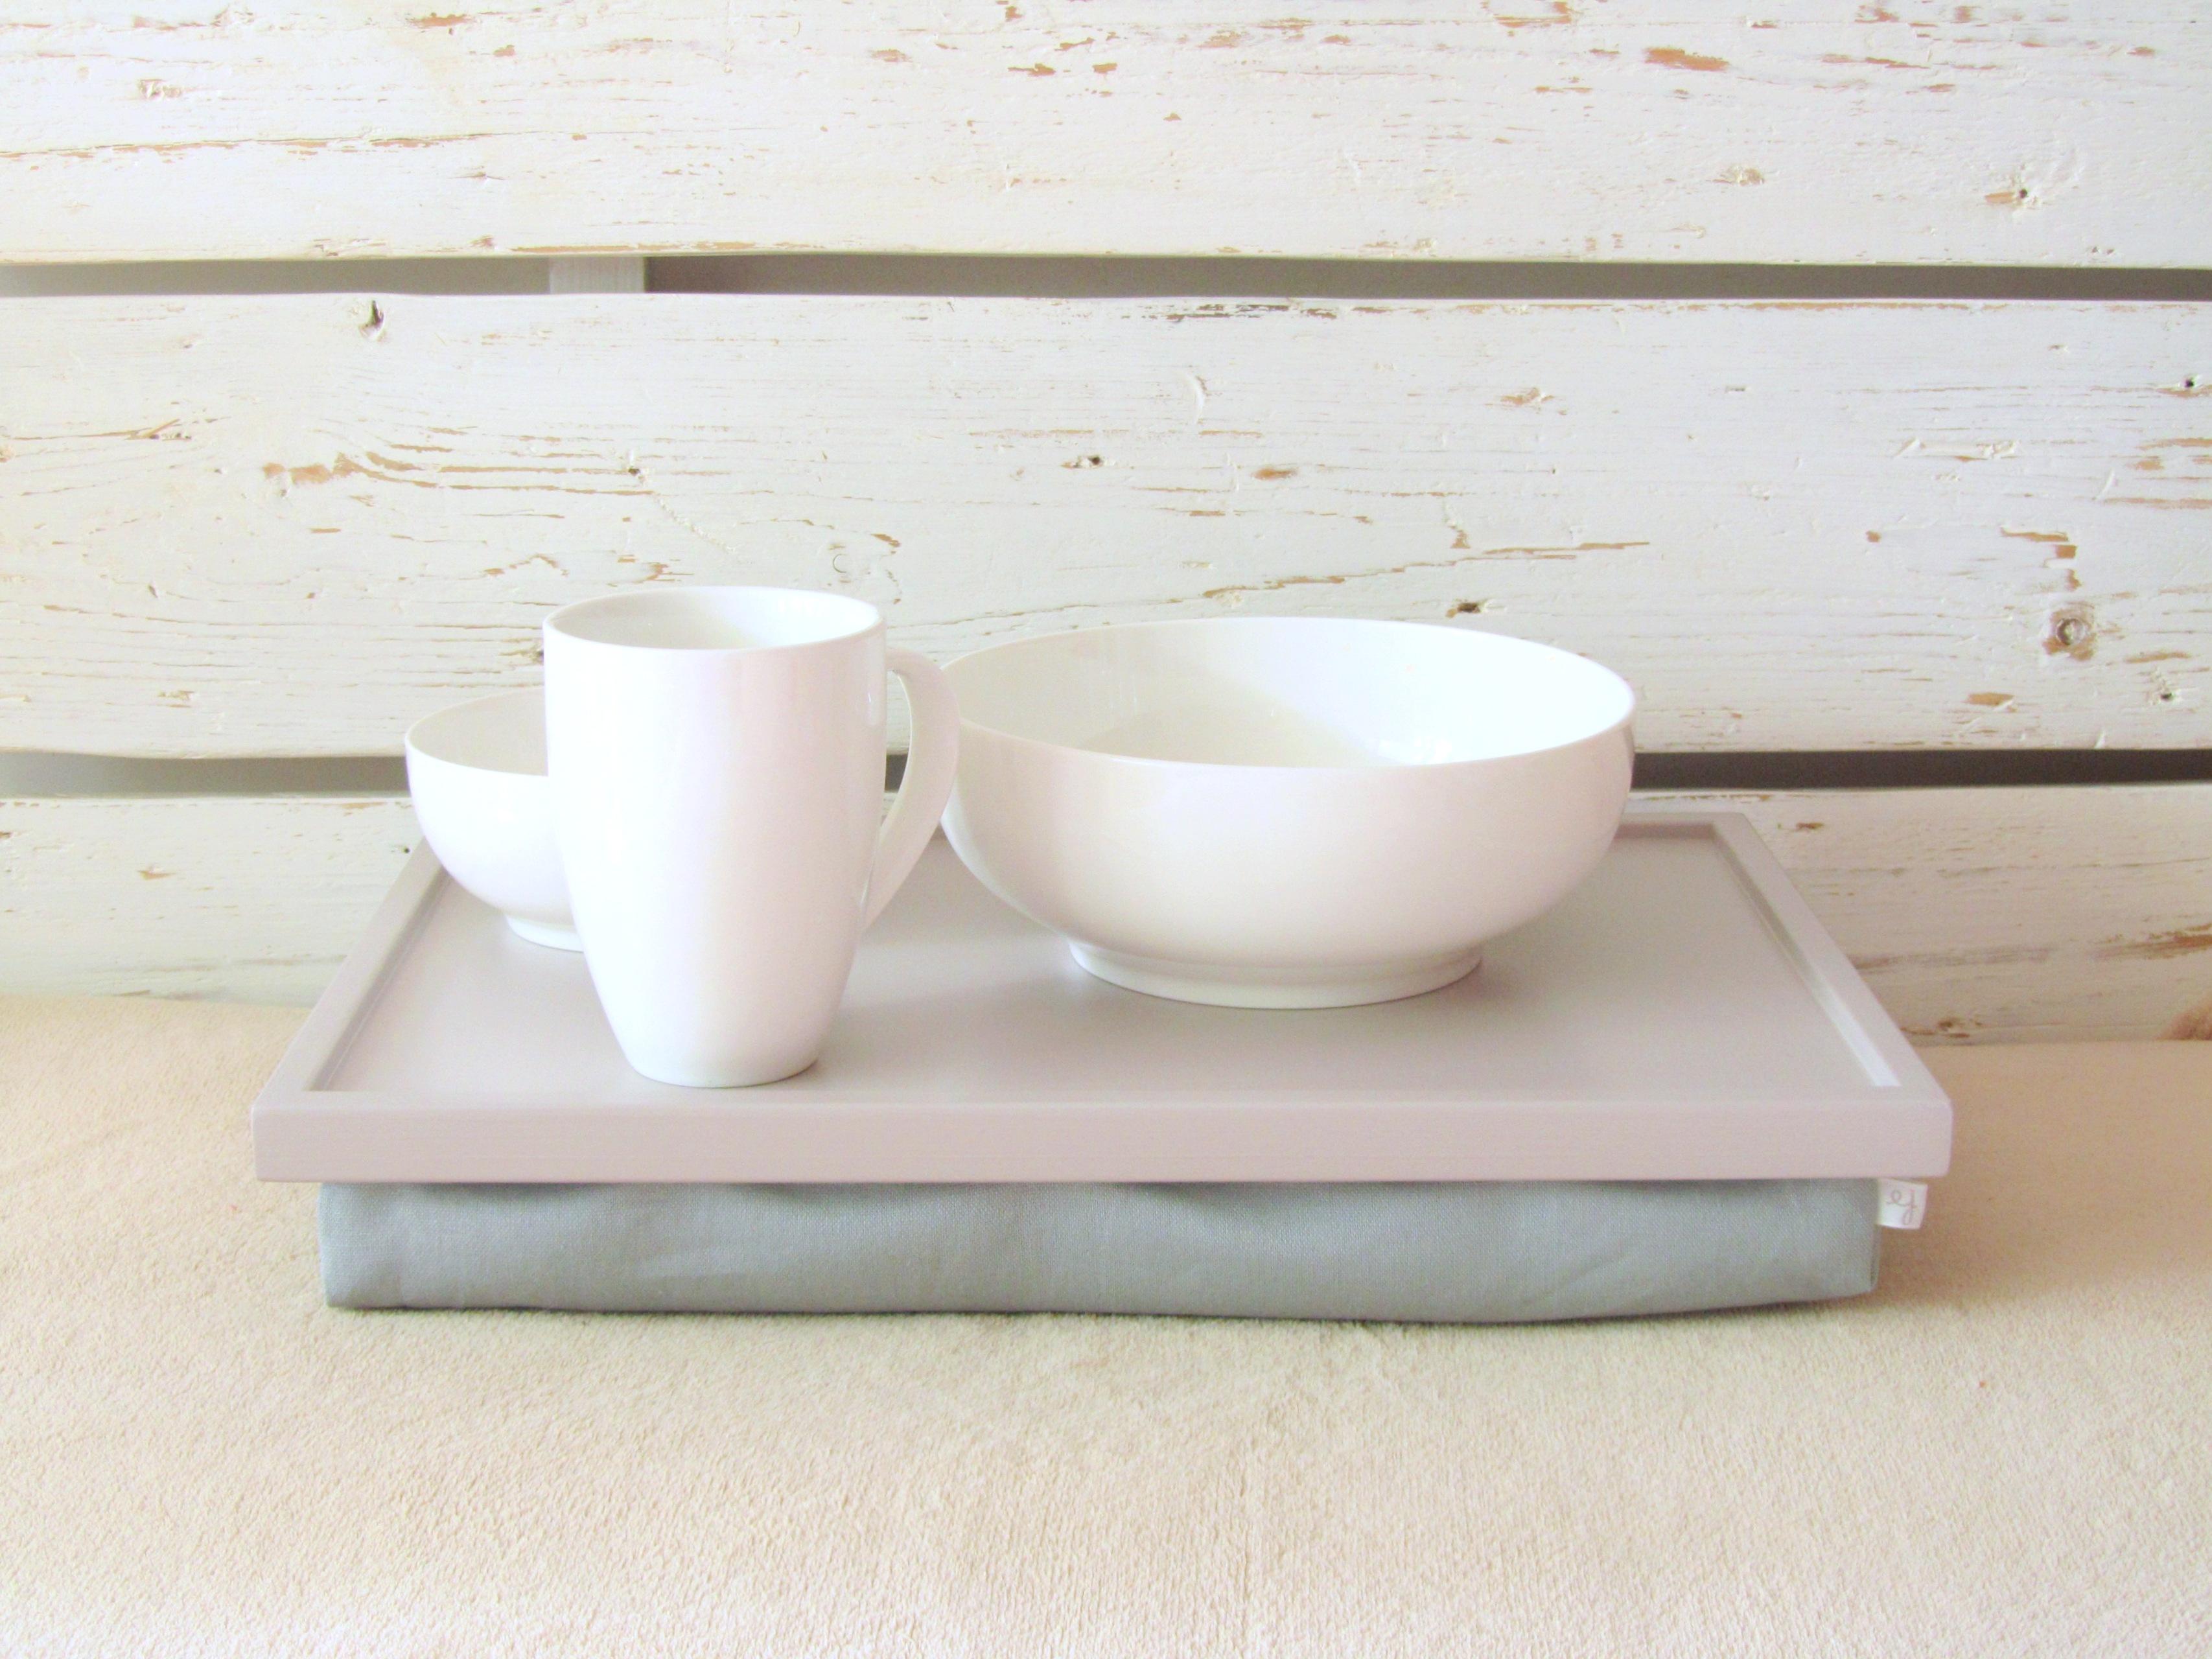 new breakfast tray gray - photo #10